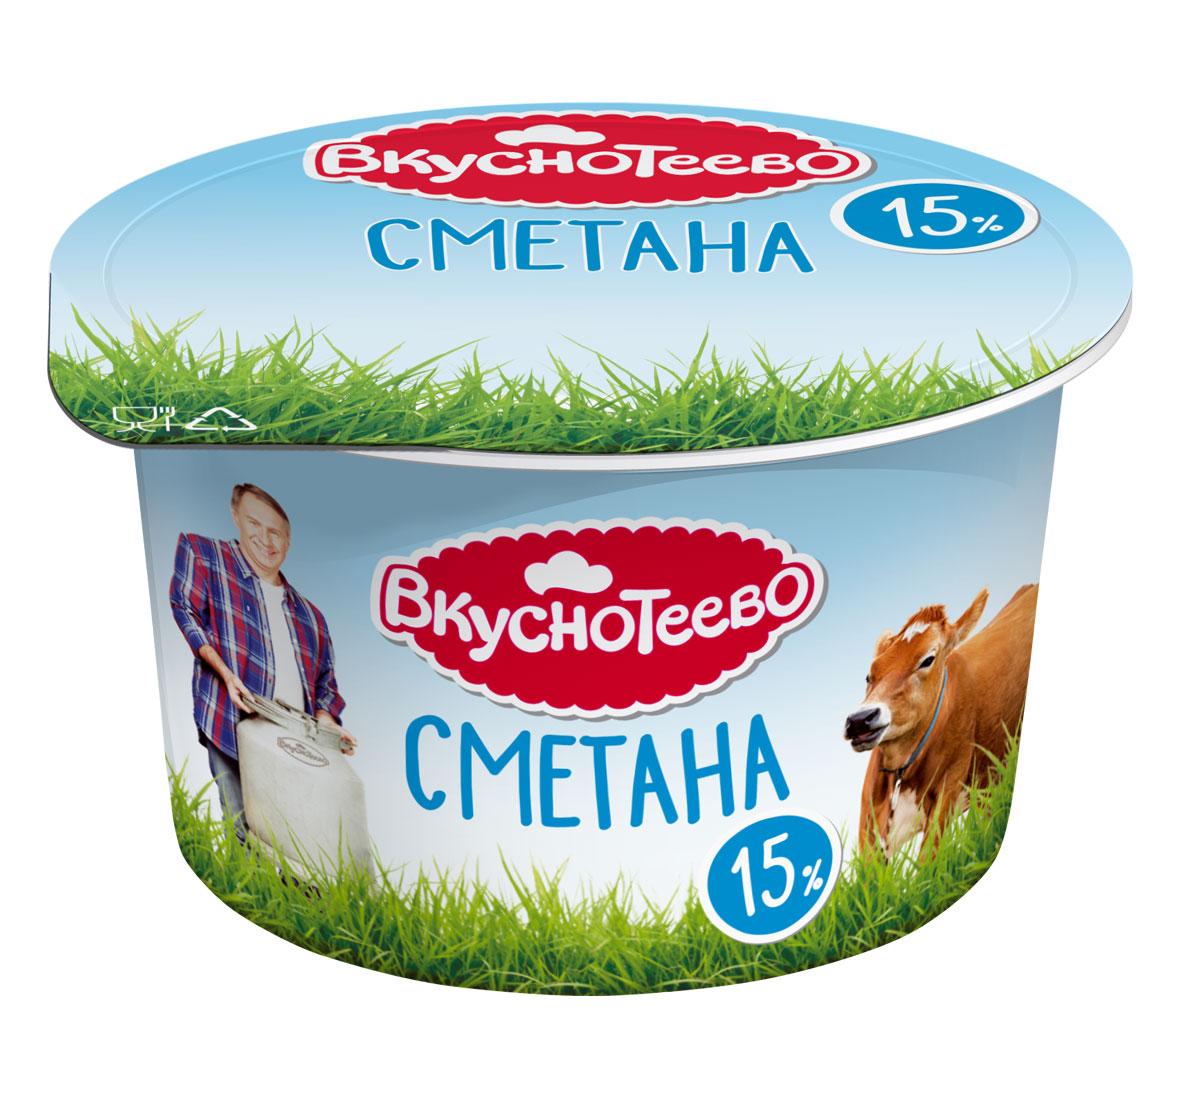 Вкуснотеево Сметана 15%, 150 г вкуснотеево ряженка 4